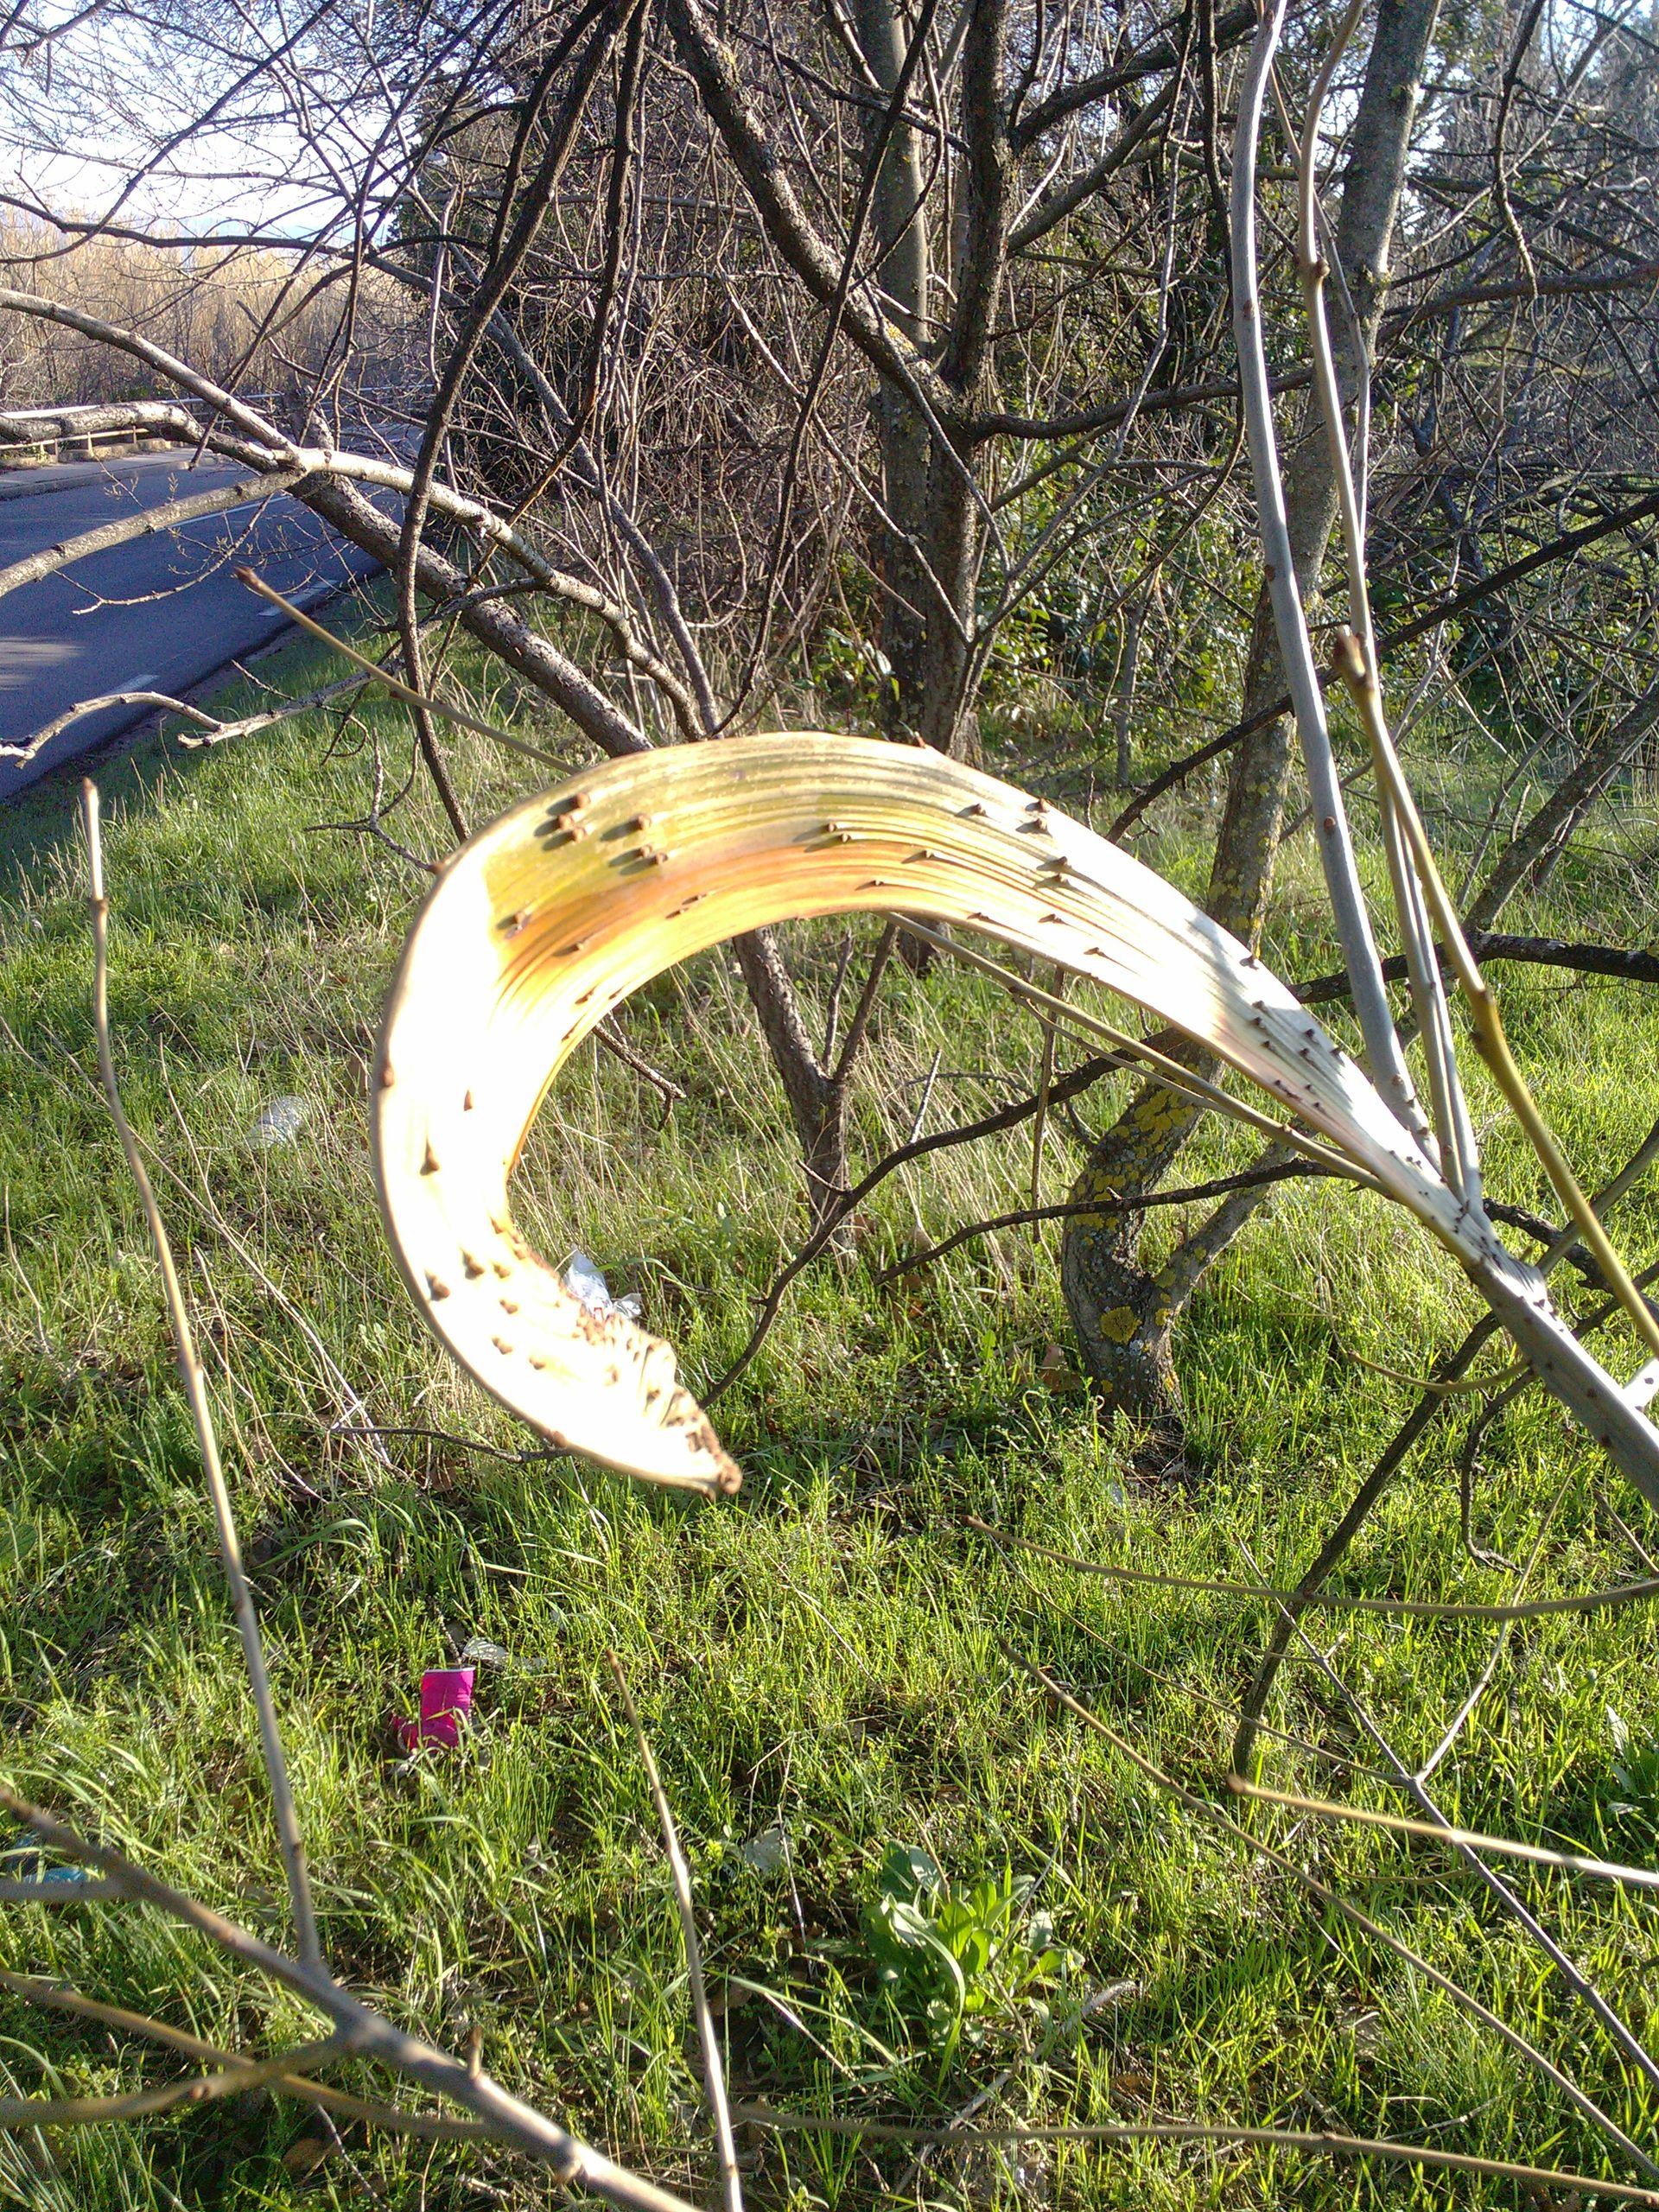 déformation du frêne